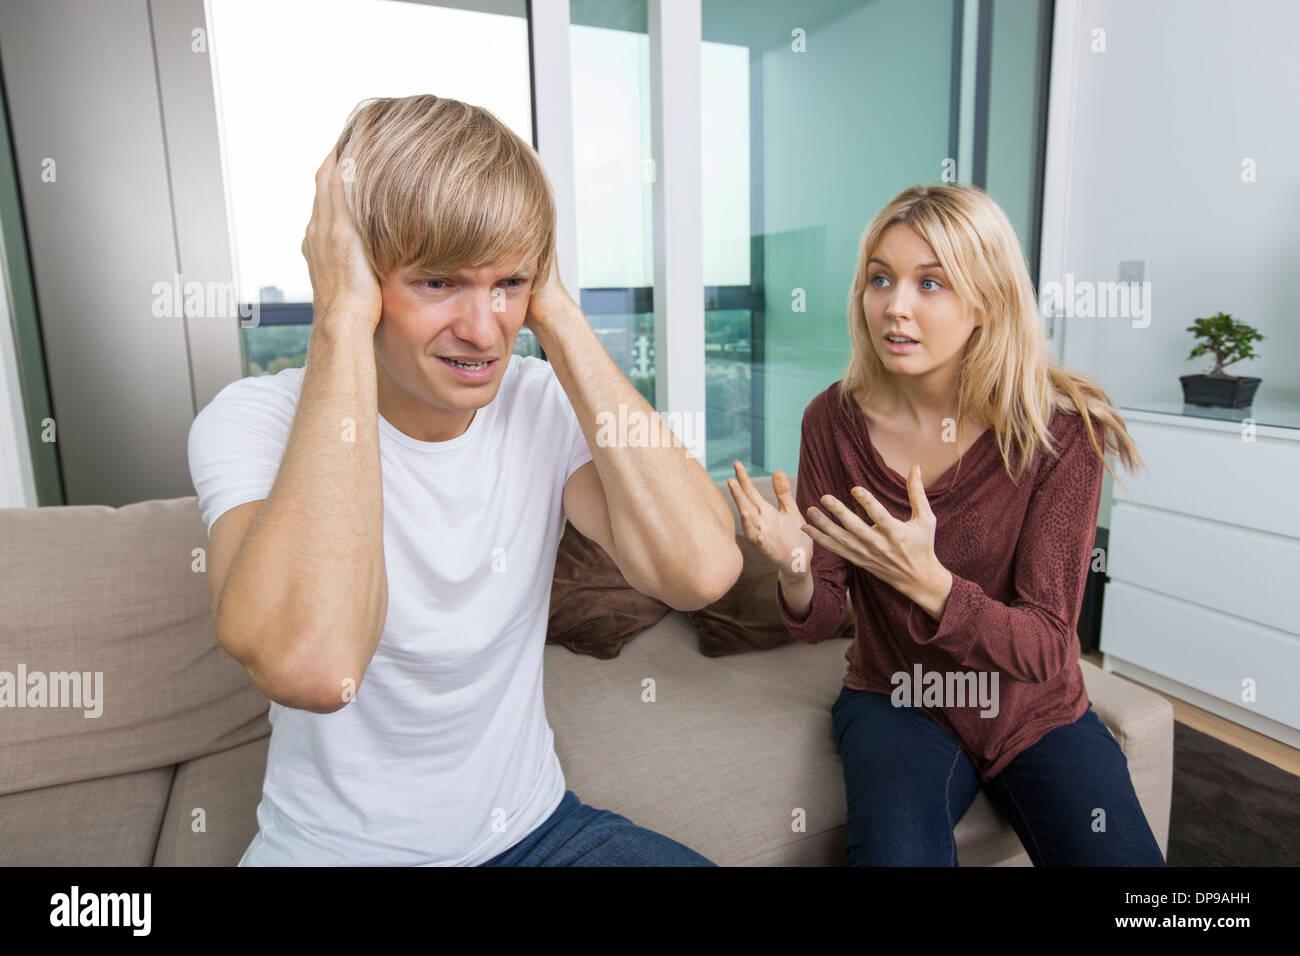 Mujer tratando de hablar como hombre grita en voz alta en el salón en casa Imagen De Stock